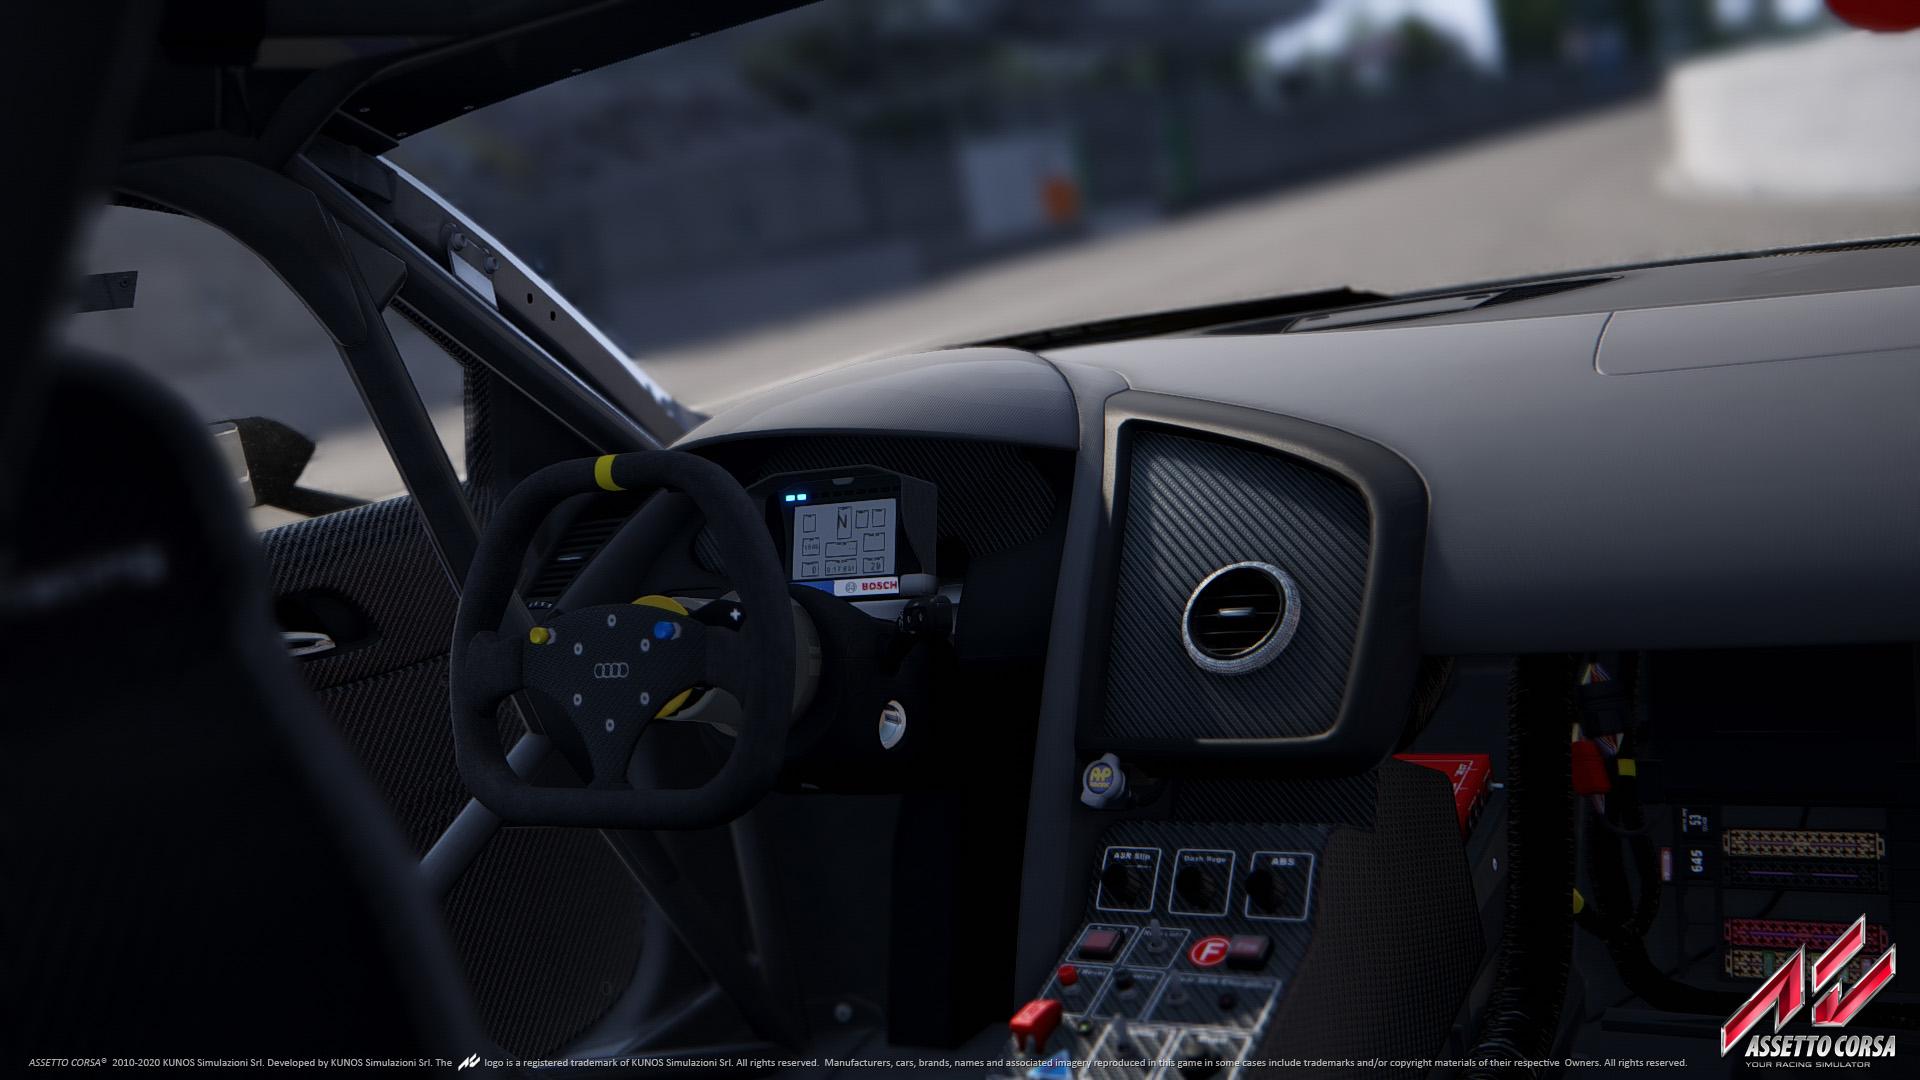 Devět nových vozů a spousta vylepšení pro Assetto Corsa 114812